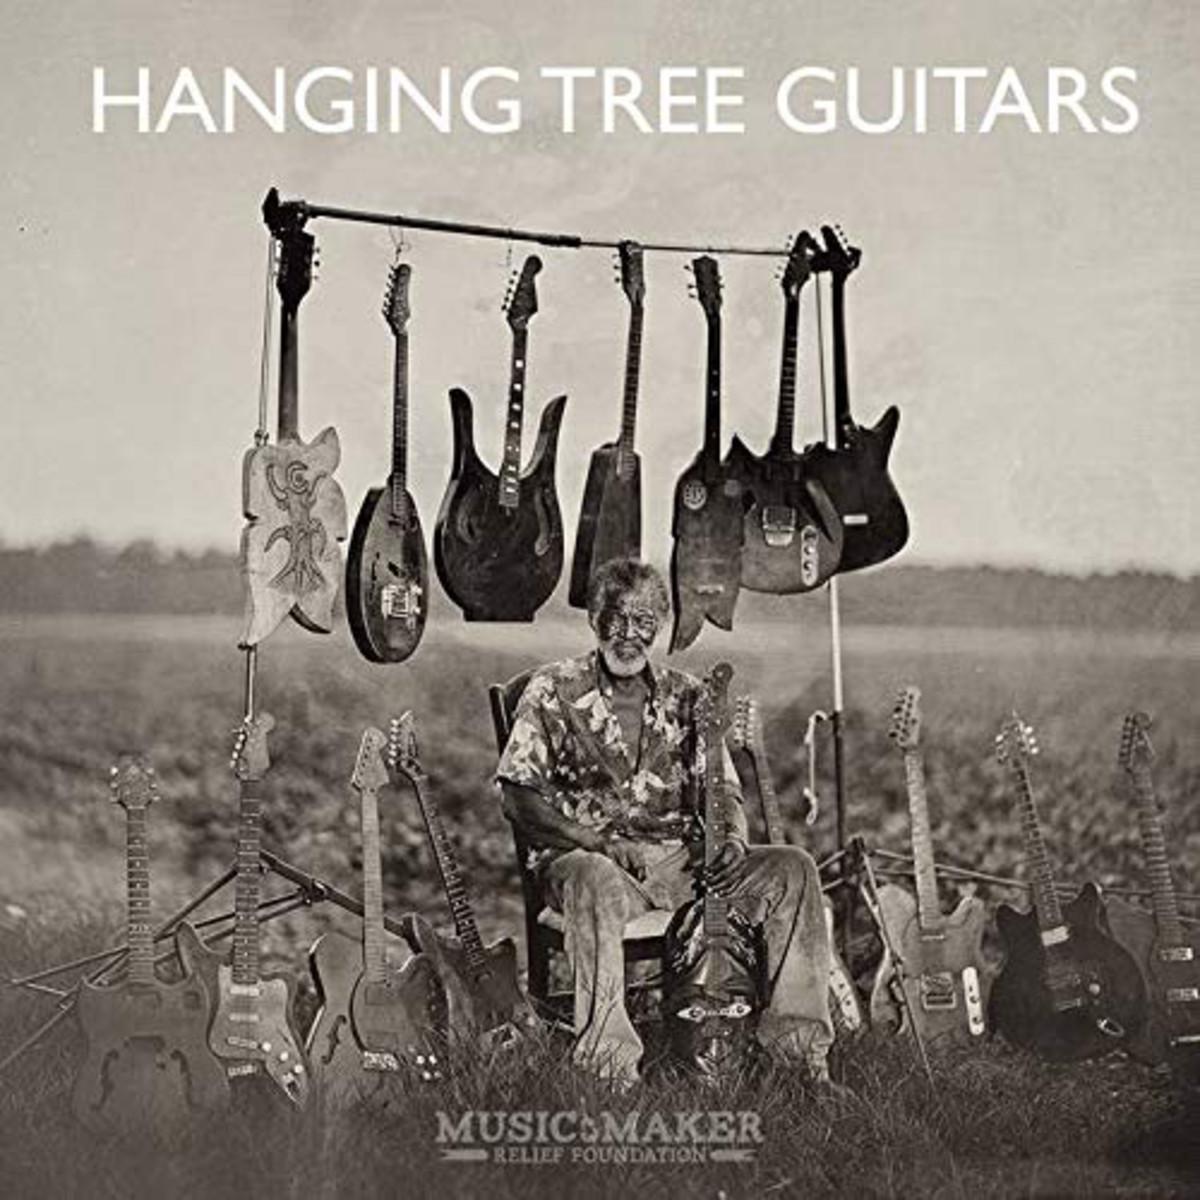 Hanging Tree Guitars